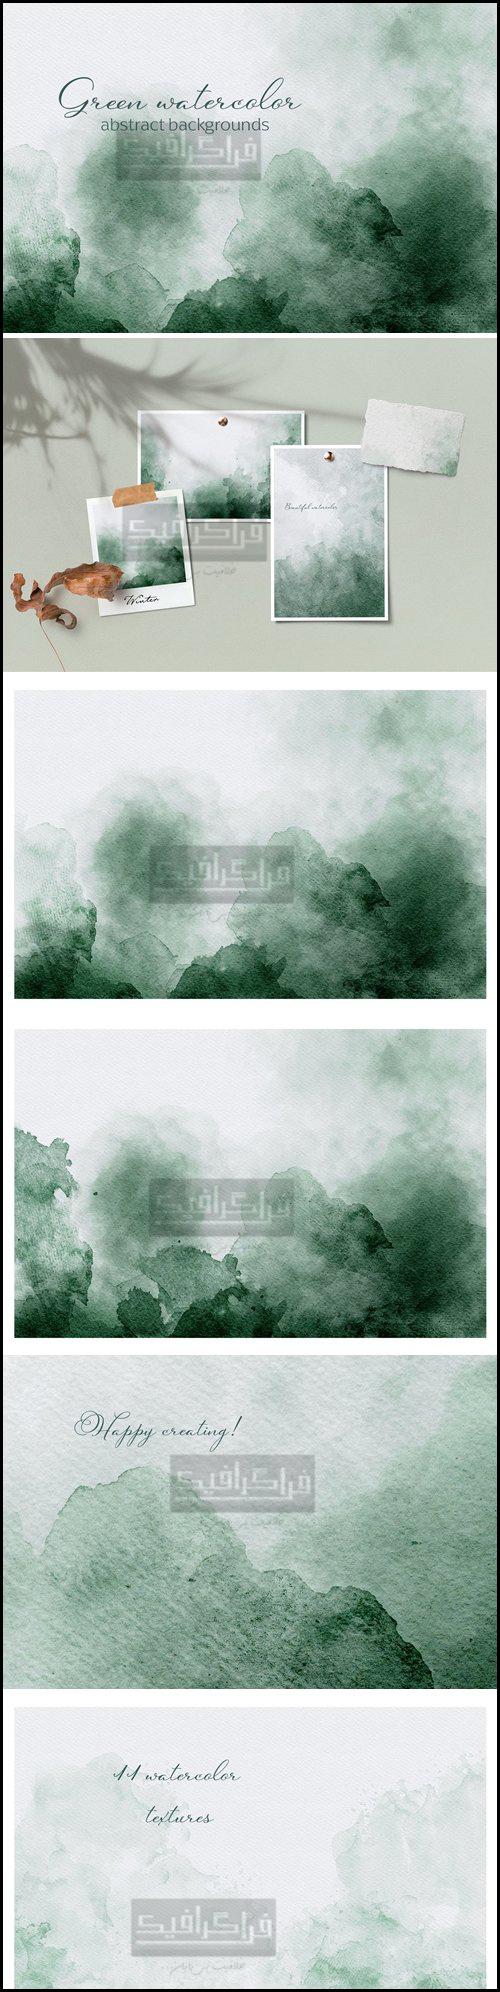 دانلود تکسچر های کاغذ آبرنگ سبز